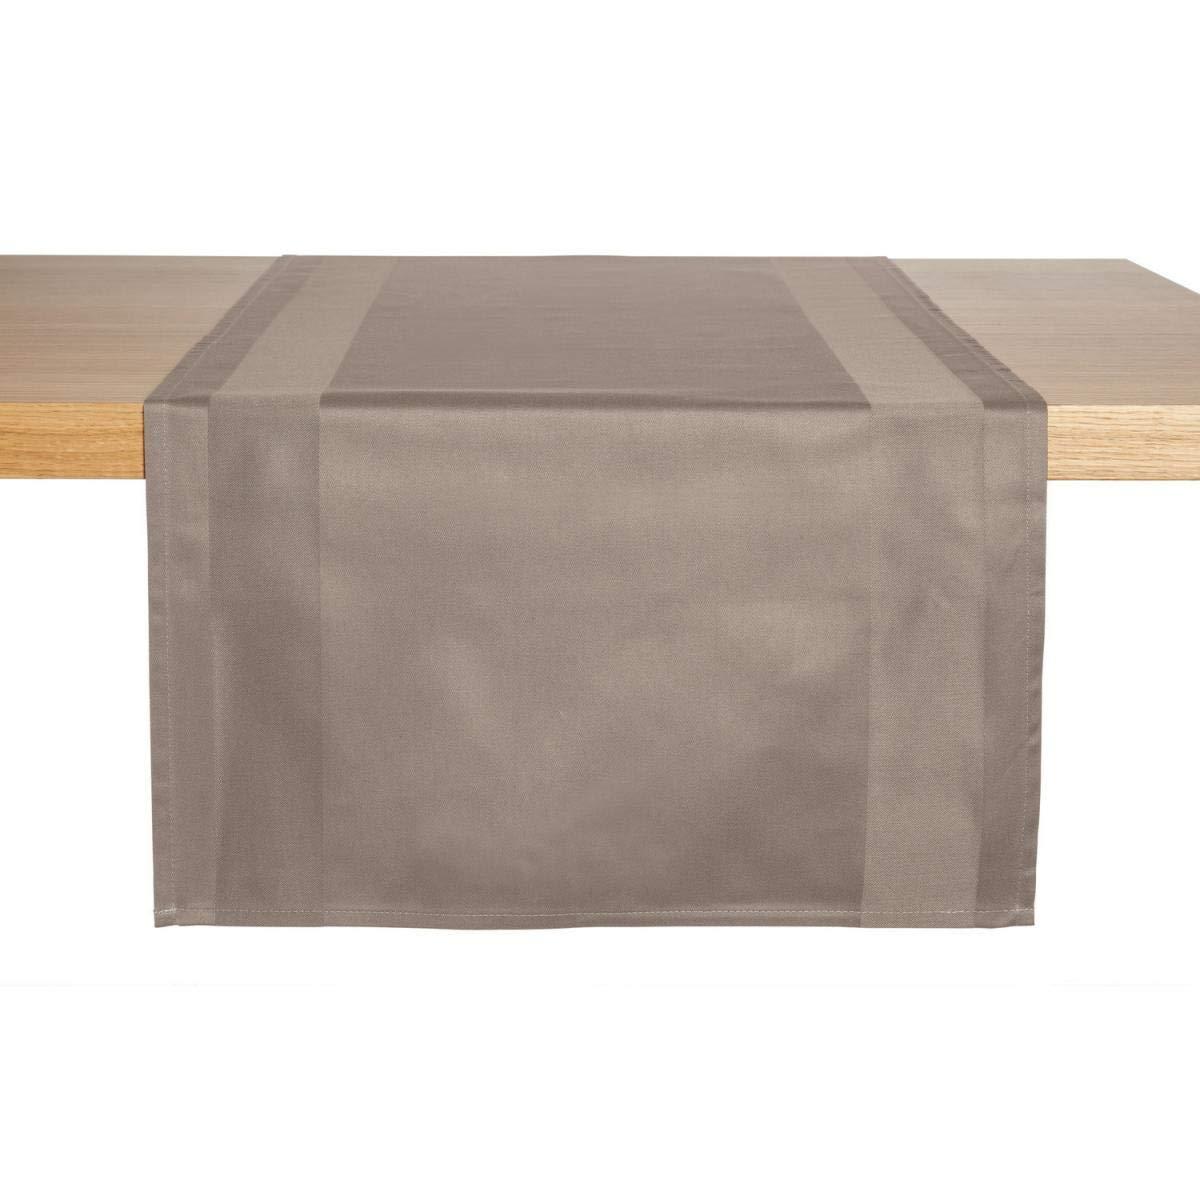 Tischläufer Ambiente, 40x130cm (BxL), steingrau, rechteckig, 2 Stück/Packung